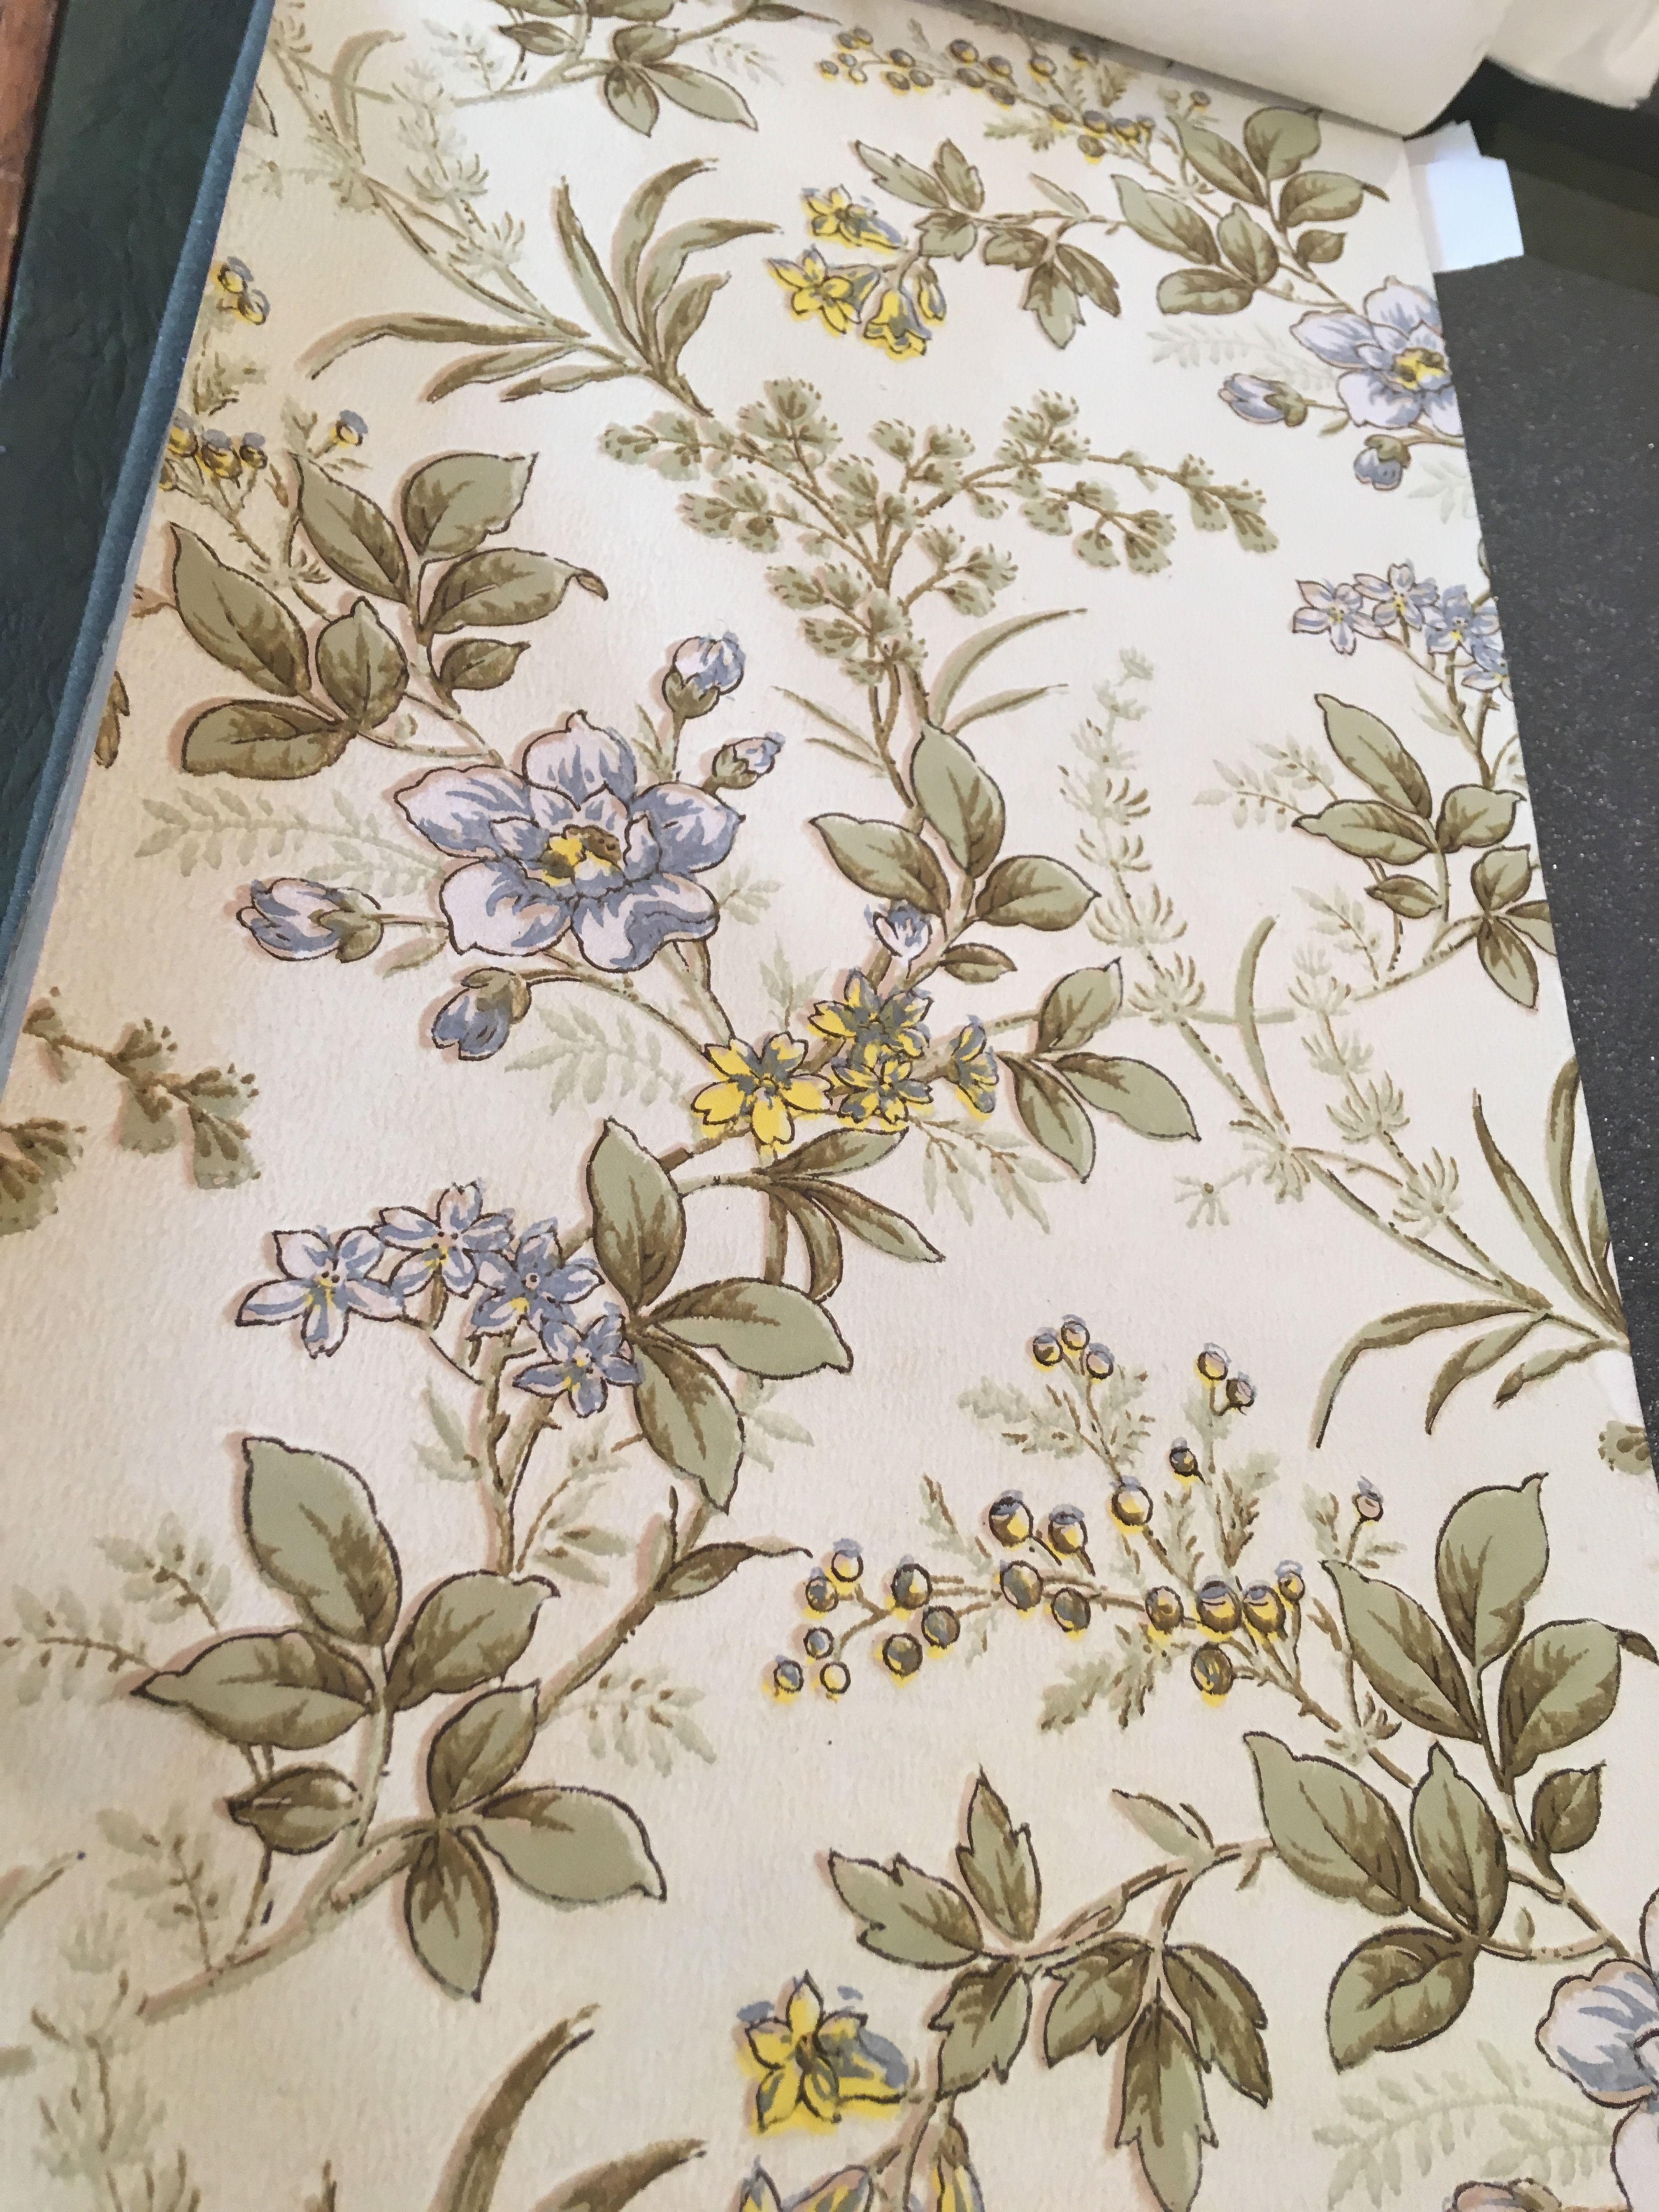 1892 Victorian machine printed floral wallpaper by Darwen